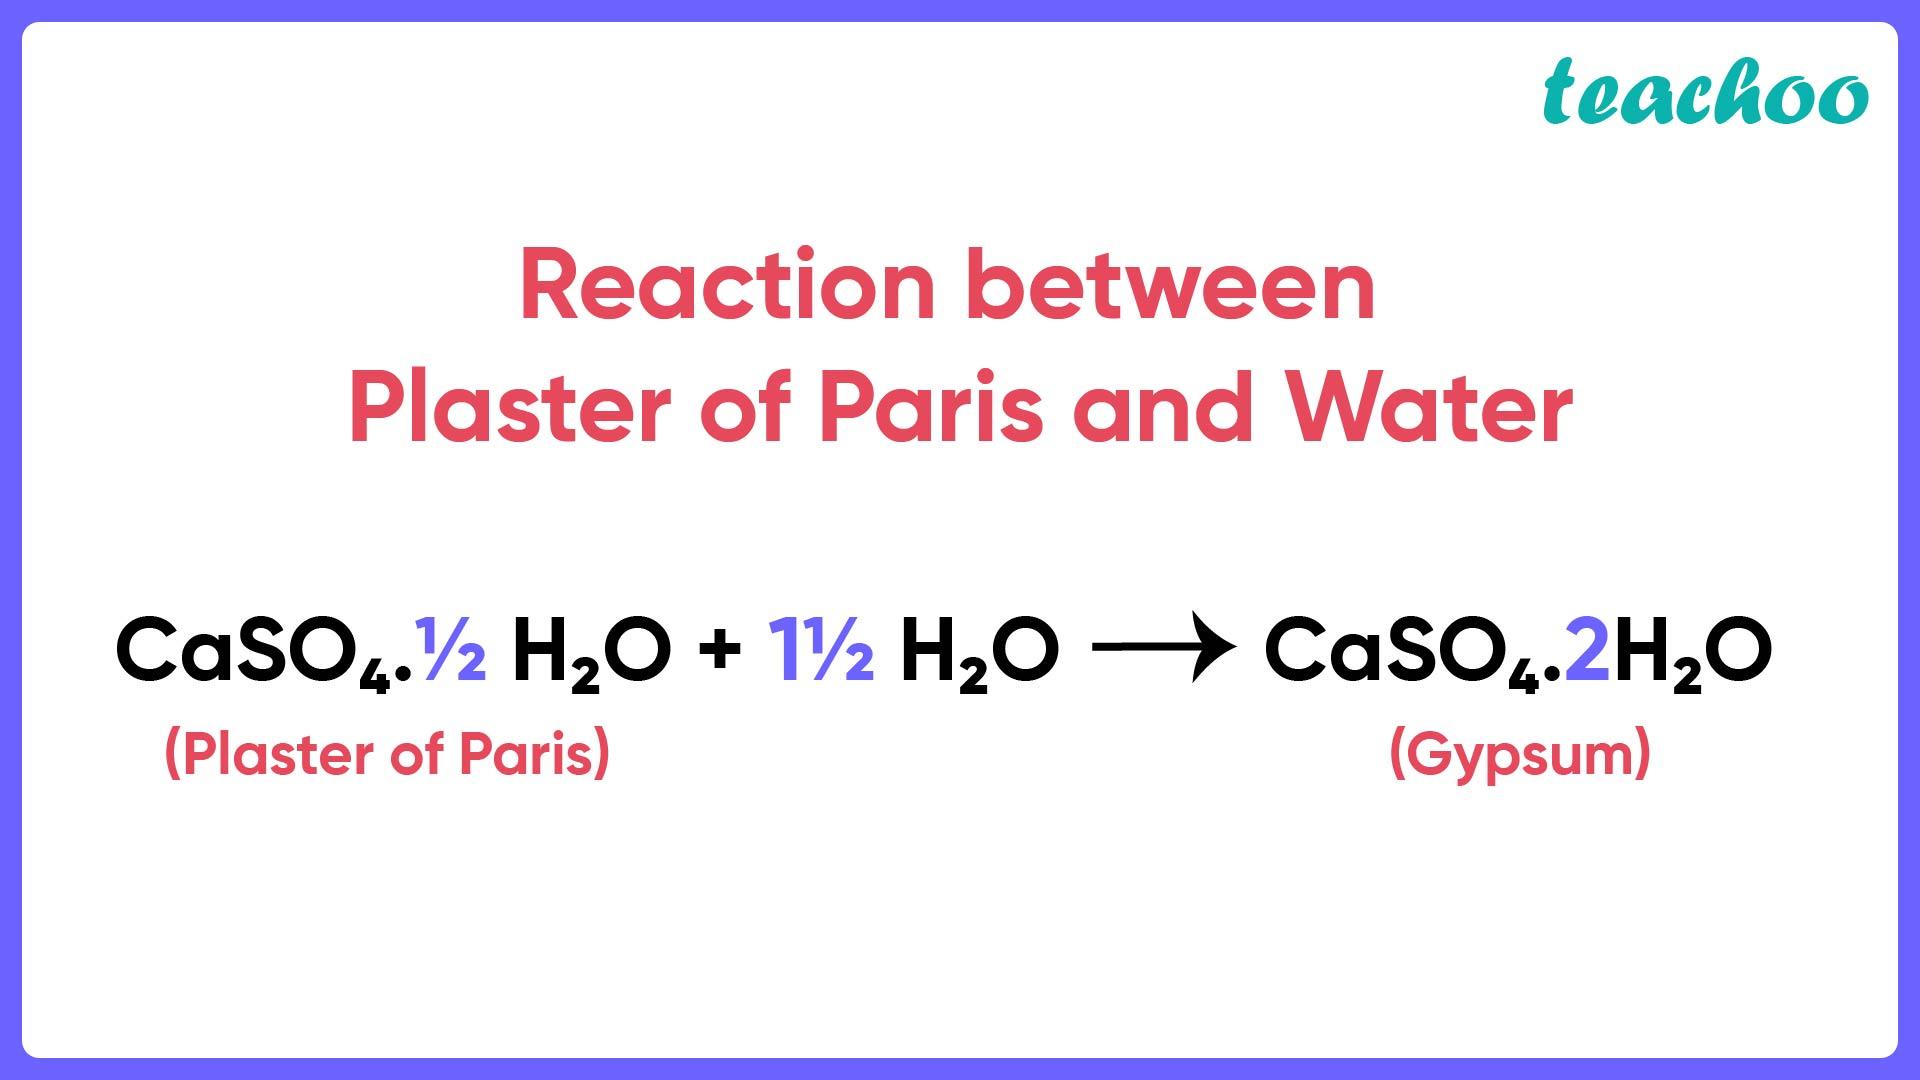 Reaction between Plaster of Paris and Water - Teachoo-01.jpg